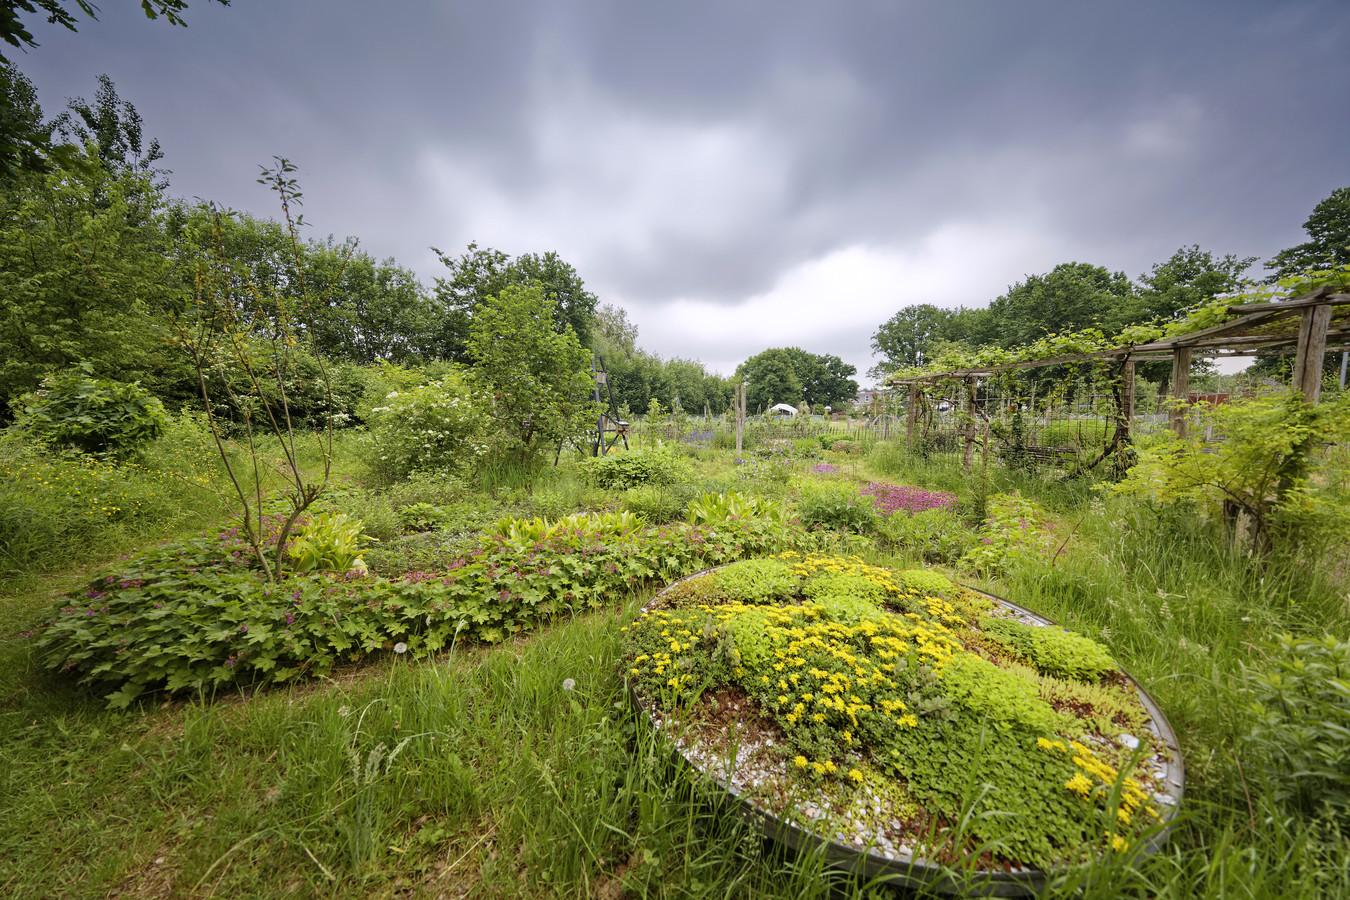 In 2011 bepaalde de toenmalige gemeenteraad van Boxtel dat het beheer van het voormalige milieucentrum De Kleine Aarde, destijds net terug in gemeentelijke handen, financieel zou worden geregeld via het Legaat van Cooth.